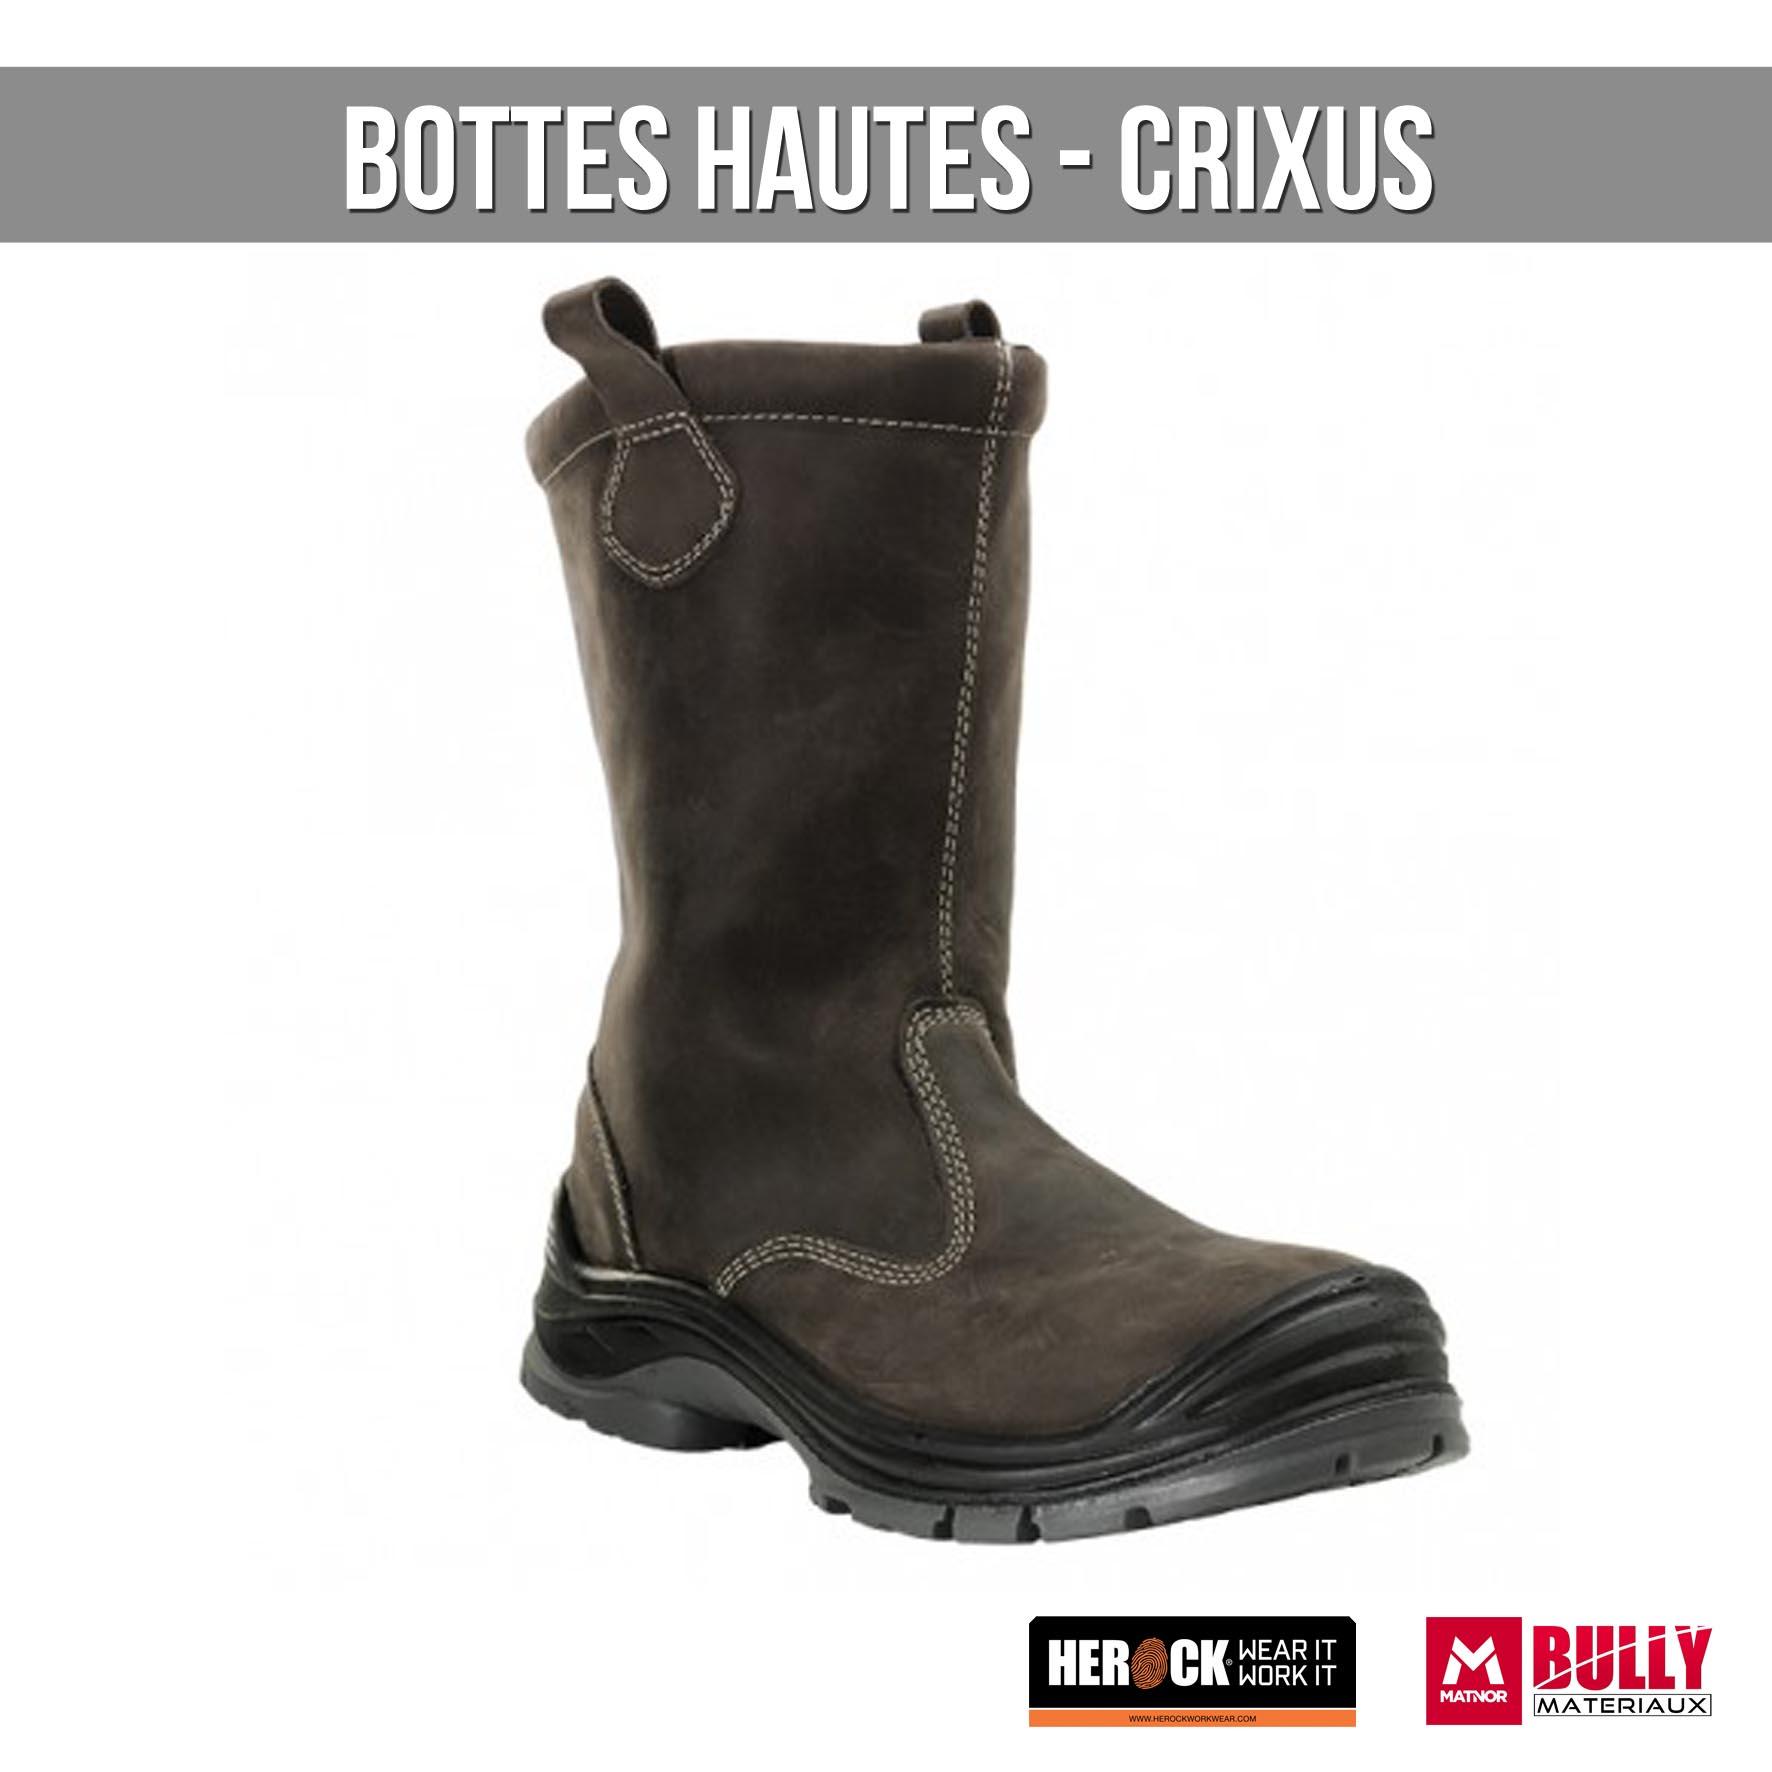 Chaussure crixus